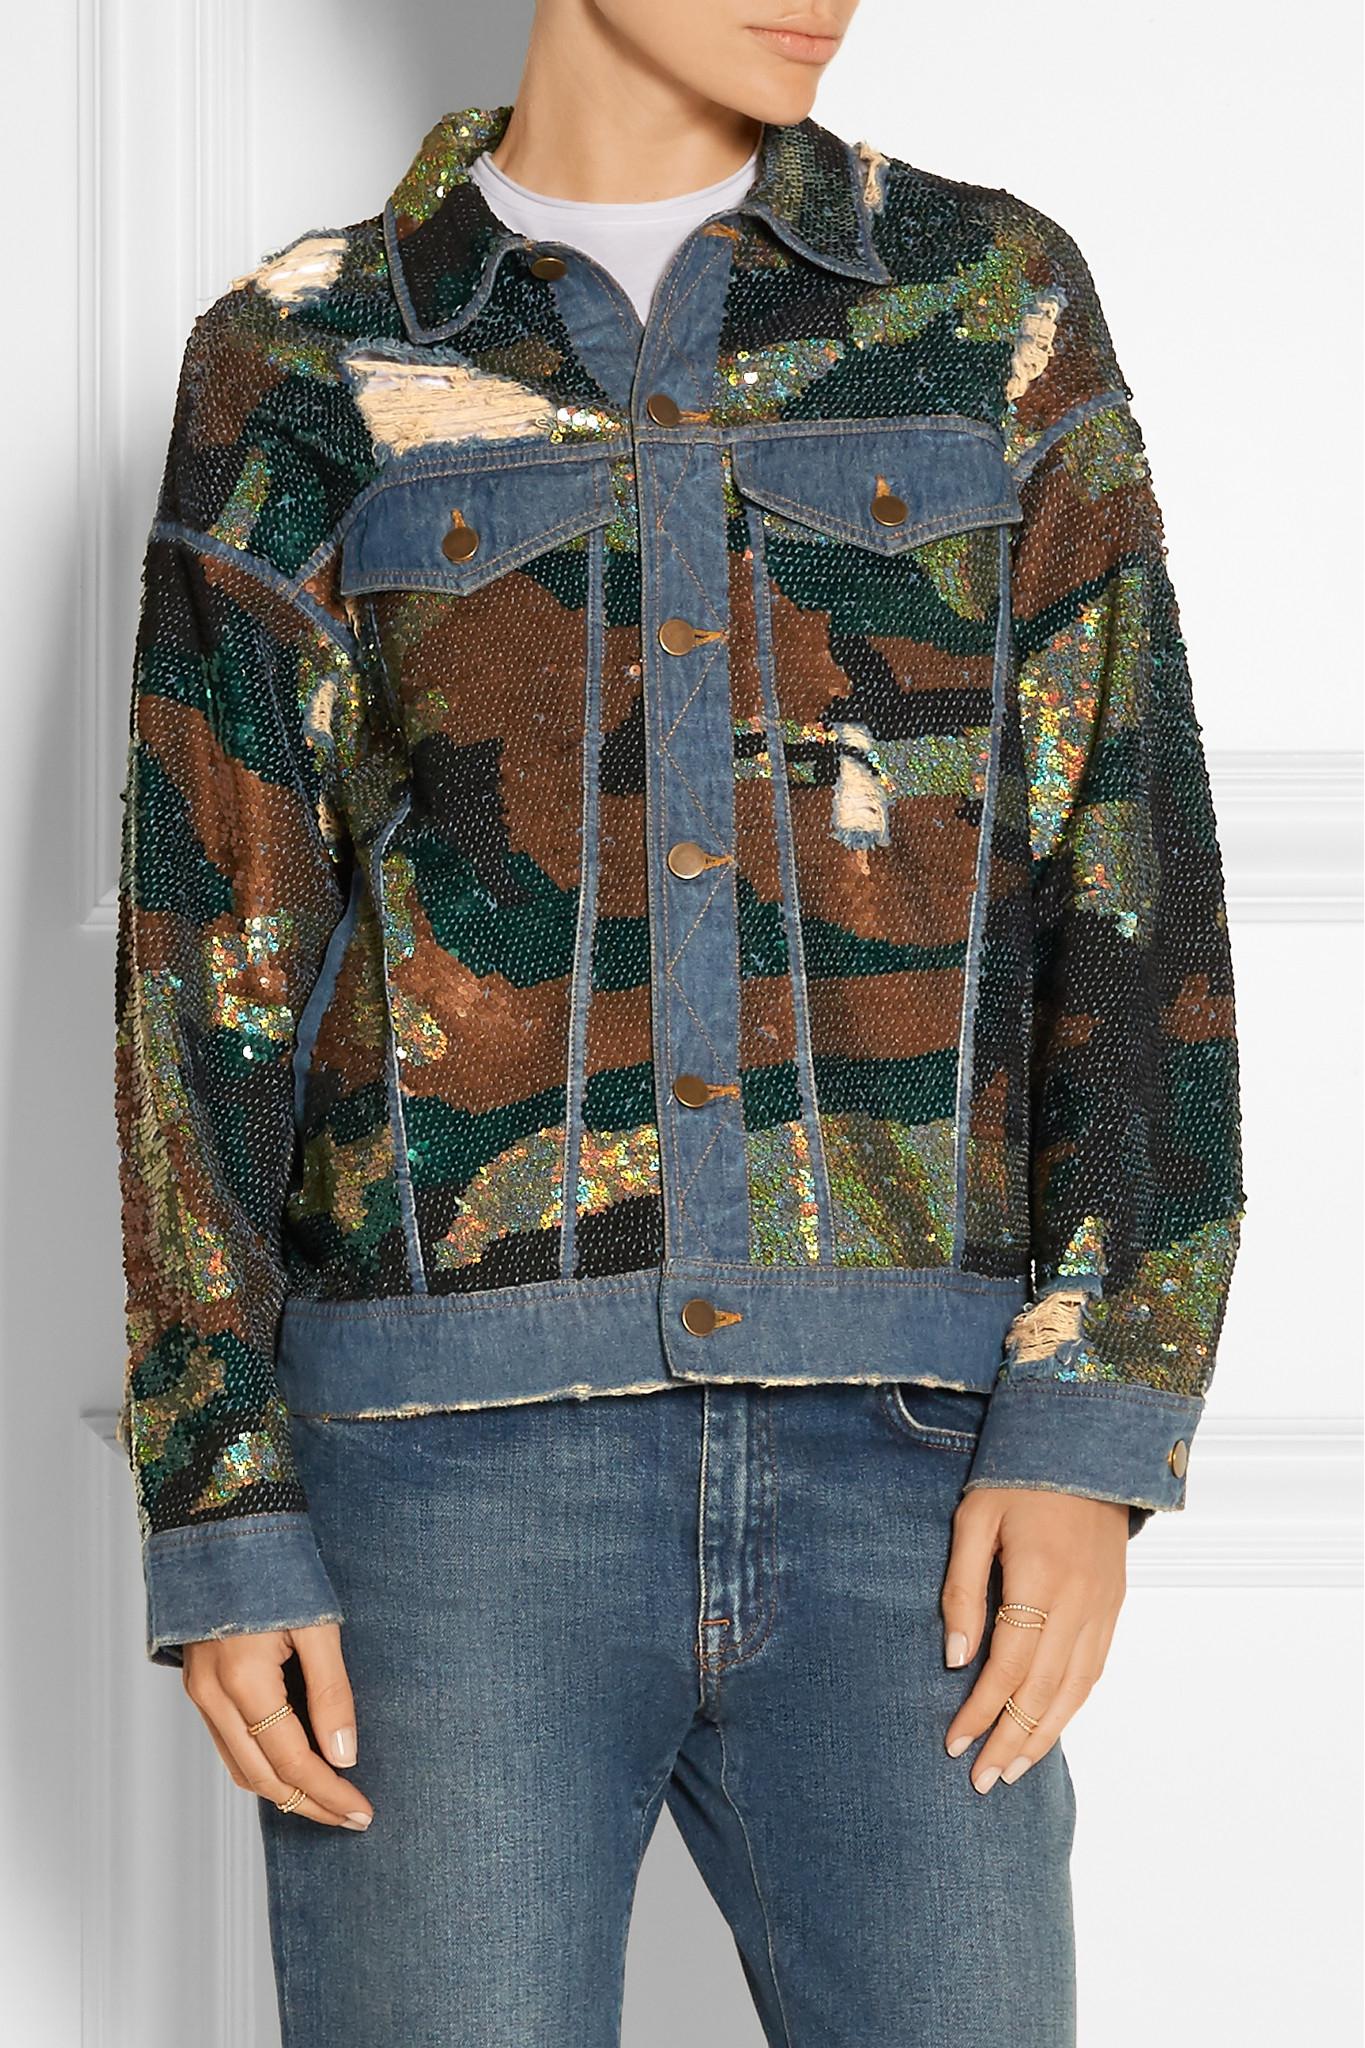 7548a483 Ashish Sequin-embellished Distressed Denim Jacket - Lyst